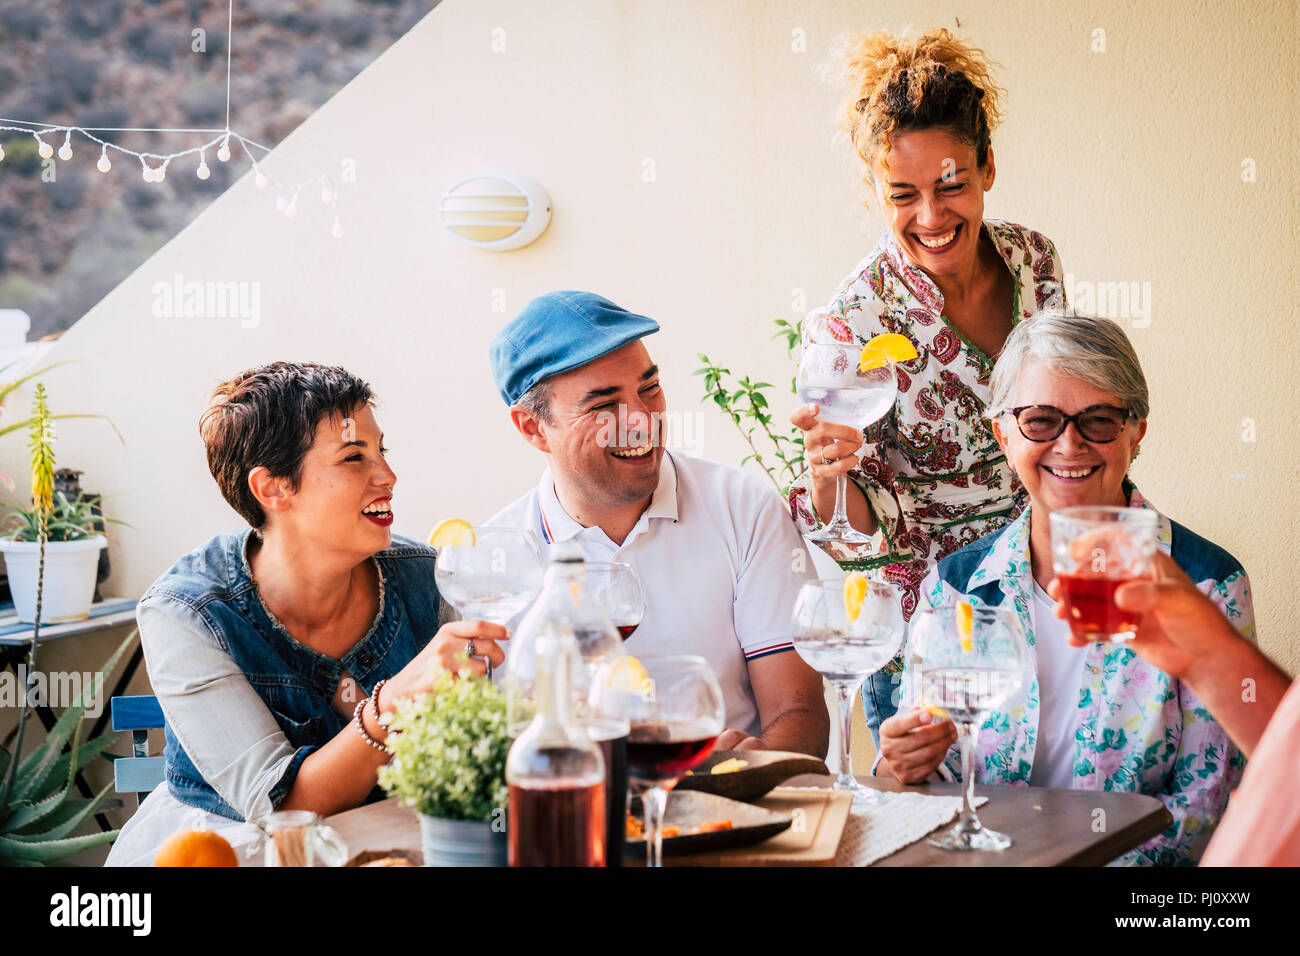 Groupe d'adultes tous âges de 40 à 80 célébrer ensemble à la terrasse avec de la nourriture et du vin. L'amitié des gens s'amusant un concept Photo Stock